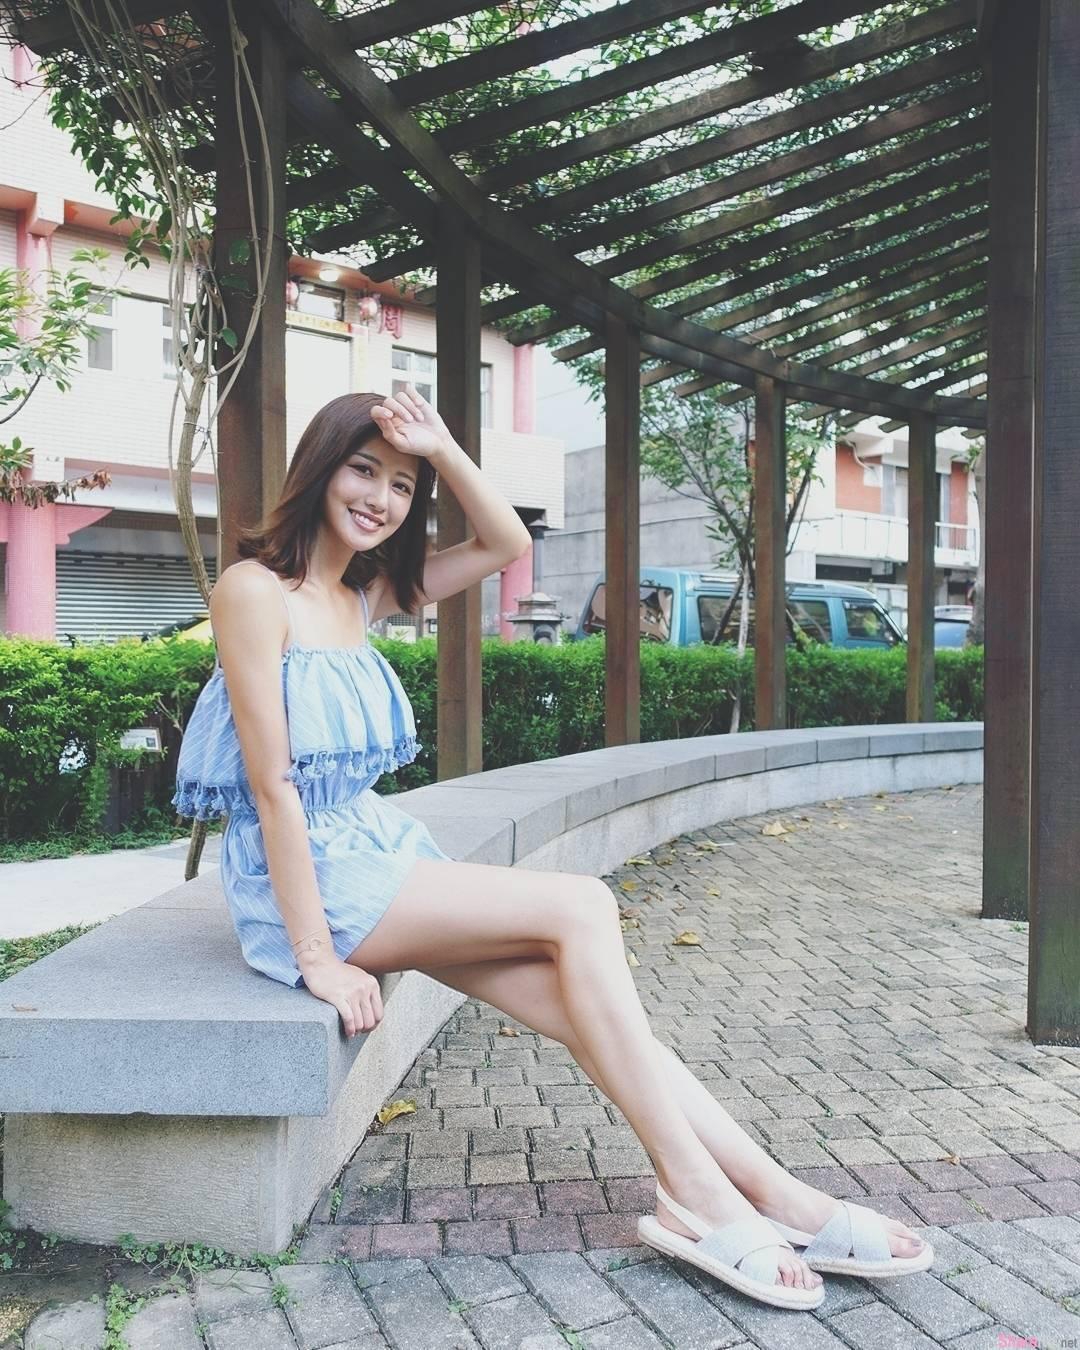 正妹梁以辰到泰国度假,泳池边男友视角展现饱满好身材